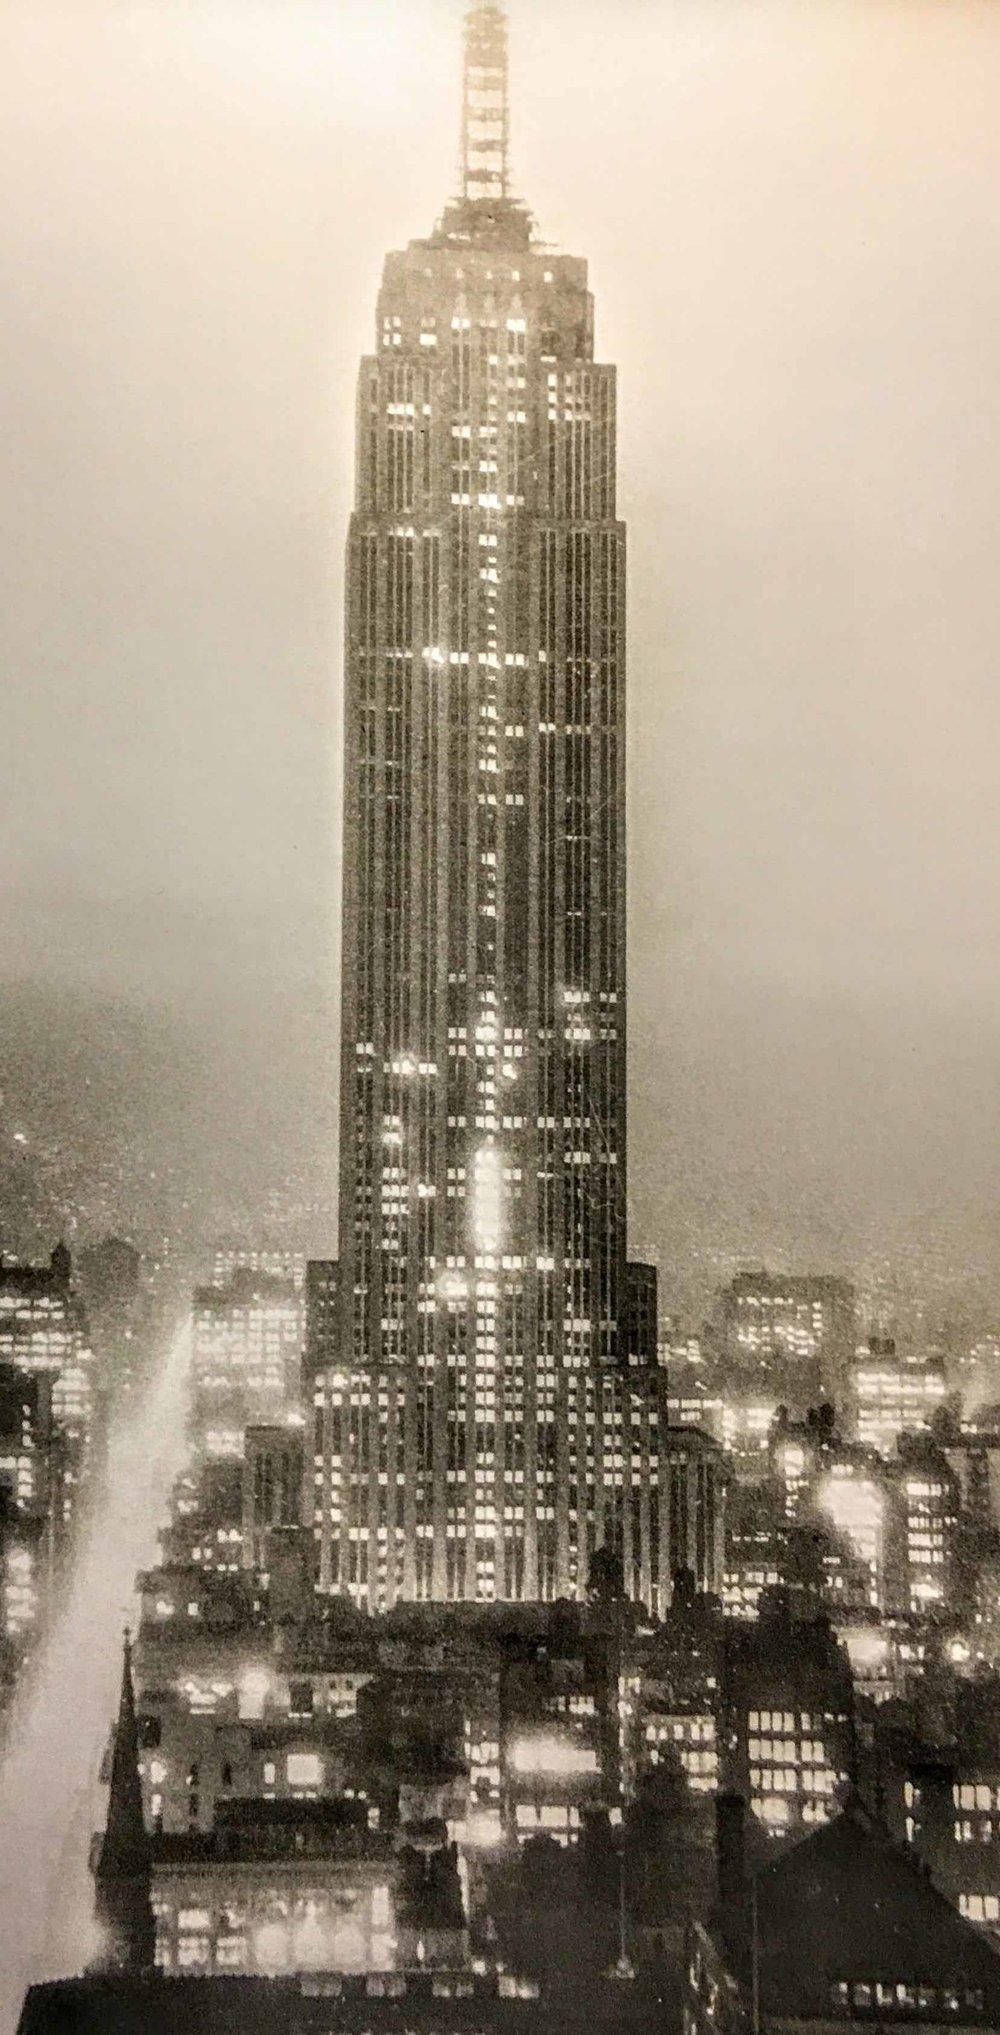 Photo: Lewis Hine, 1930